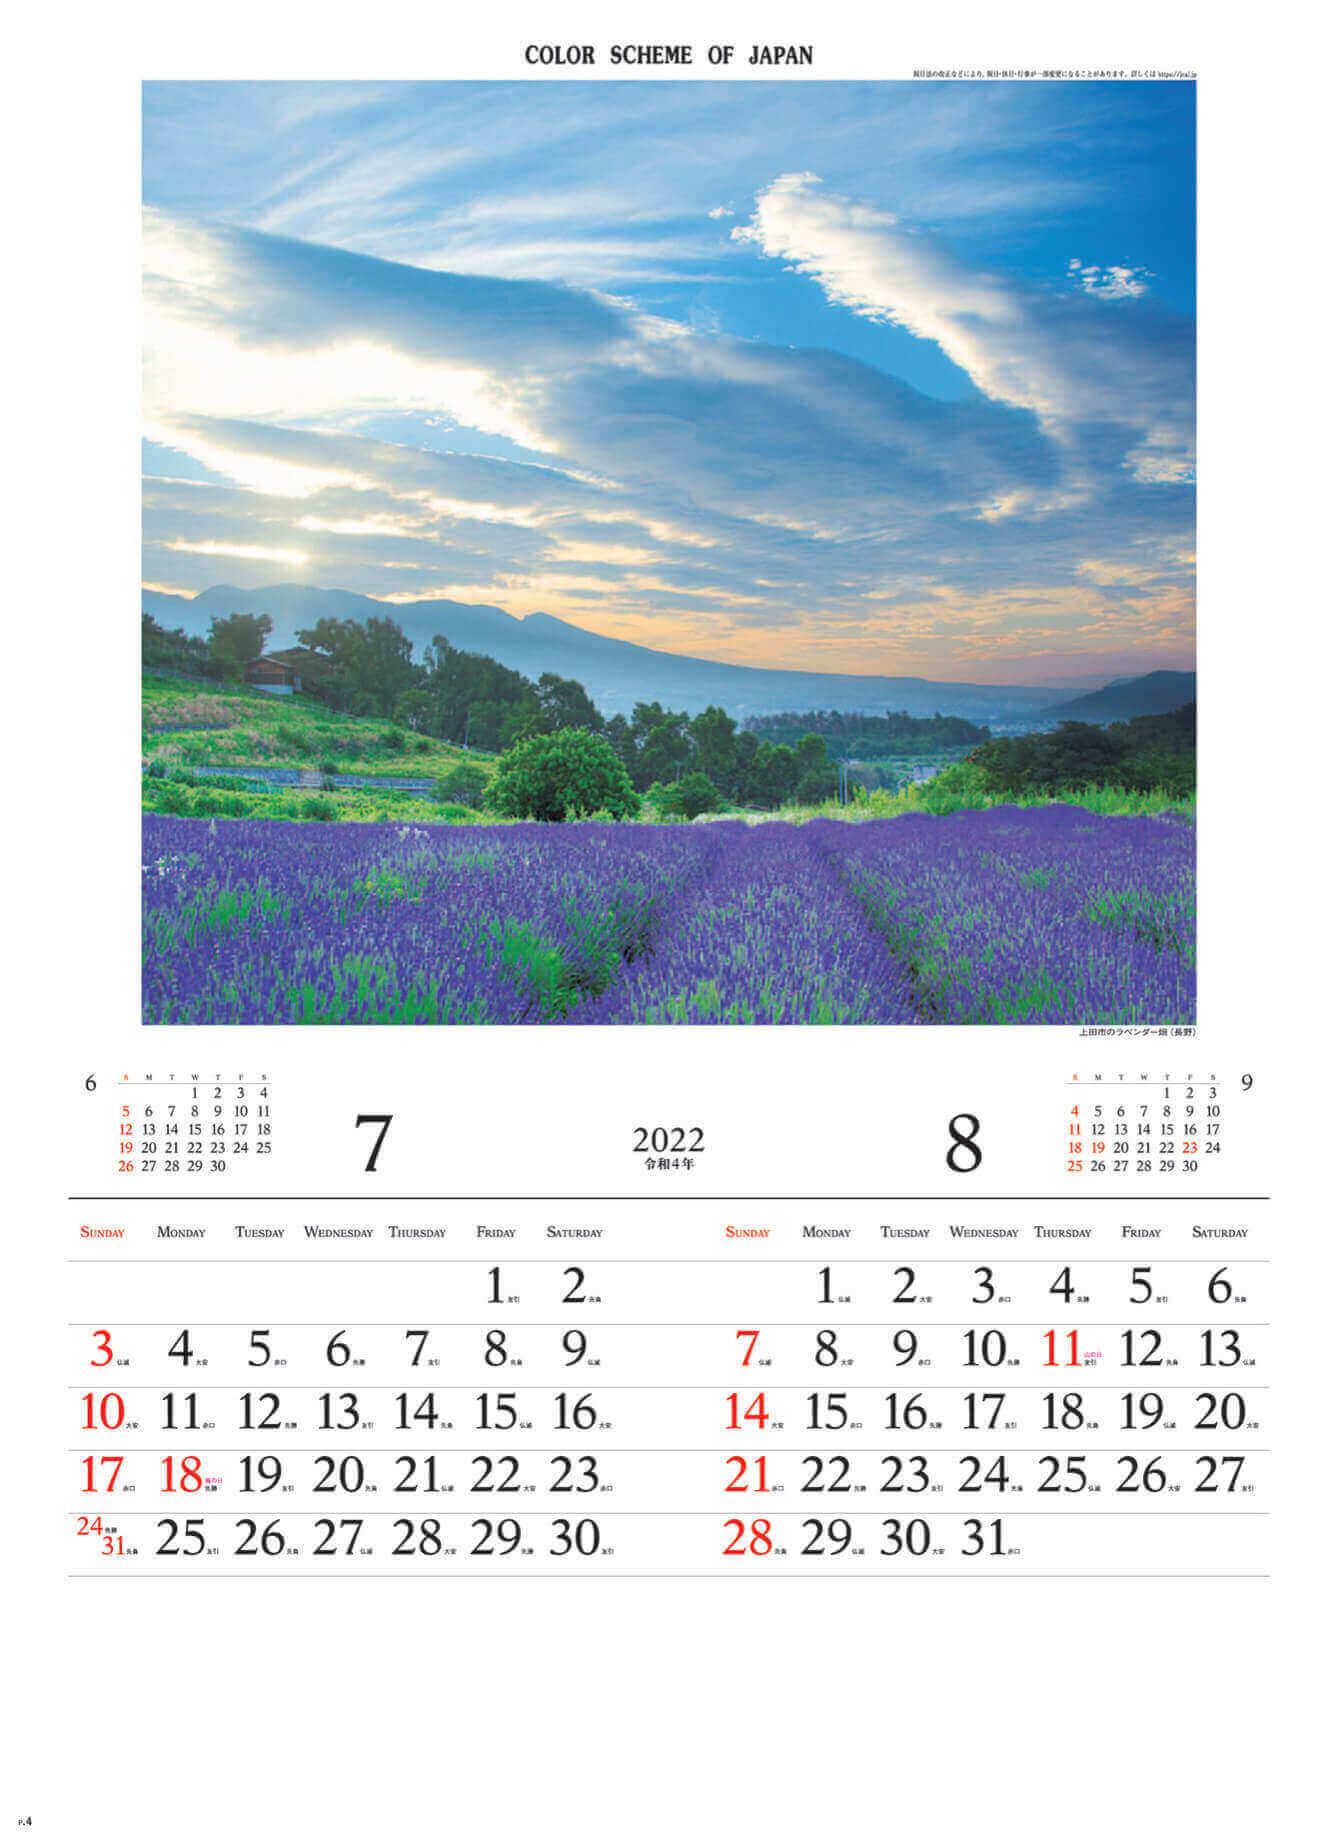 上野市のラベンダー畑(長野) 彩 2022年カレンダーの画像